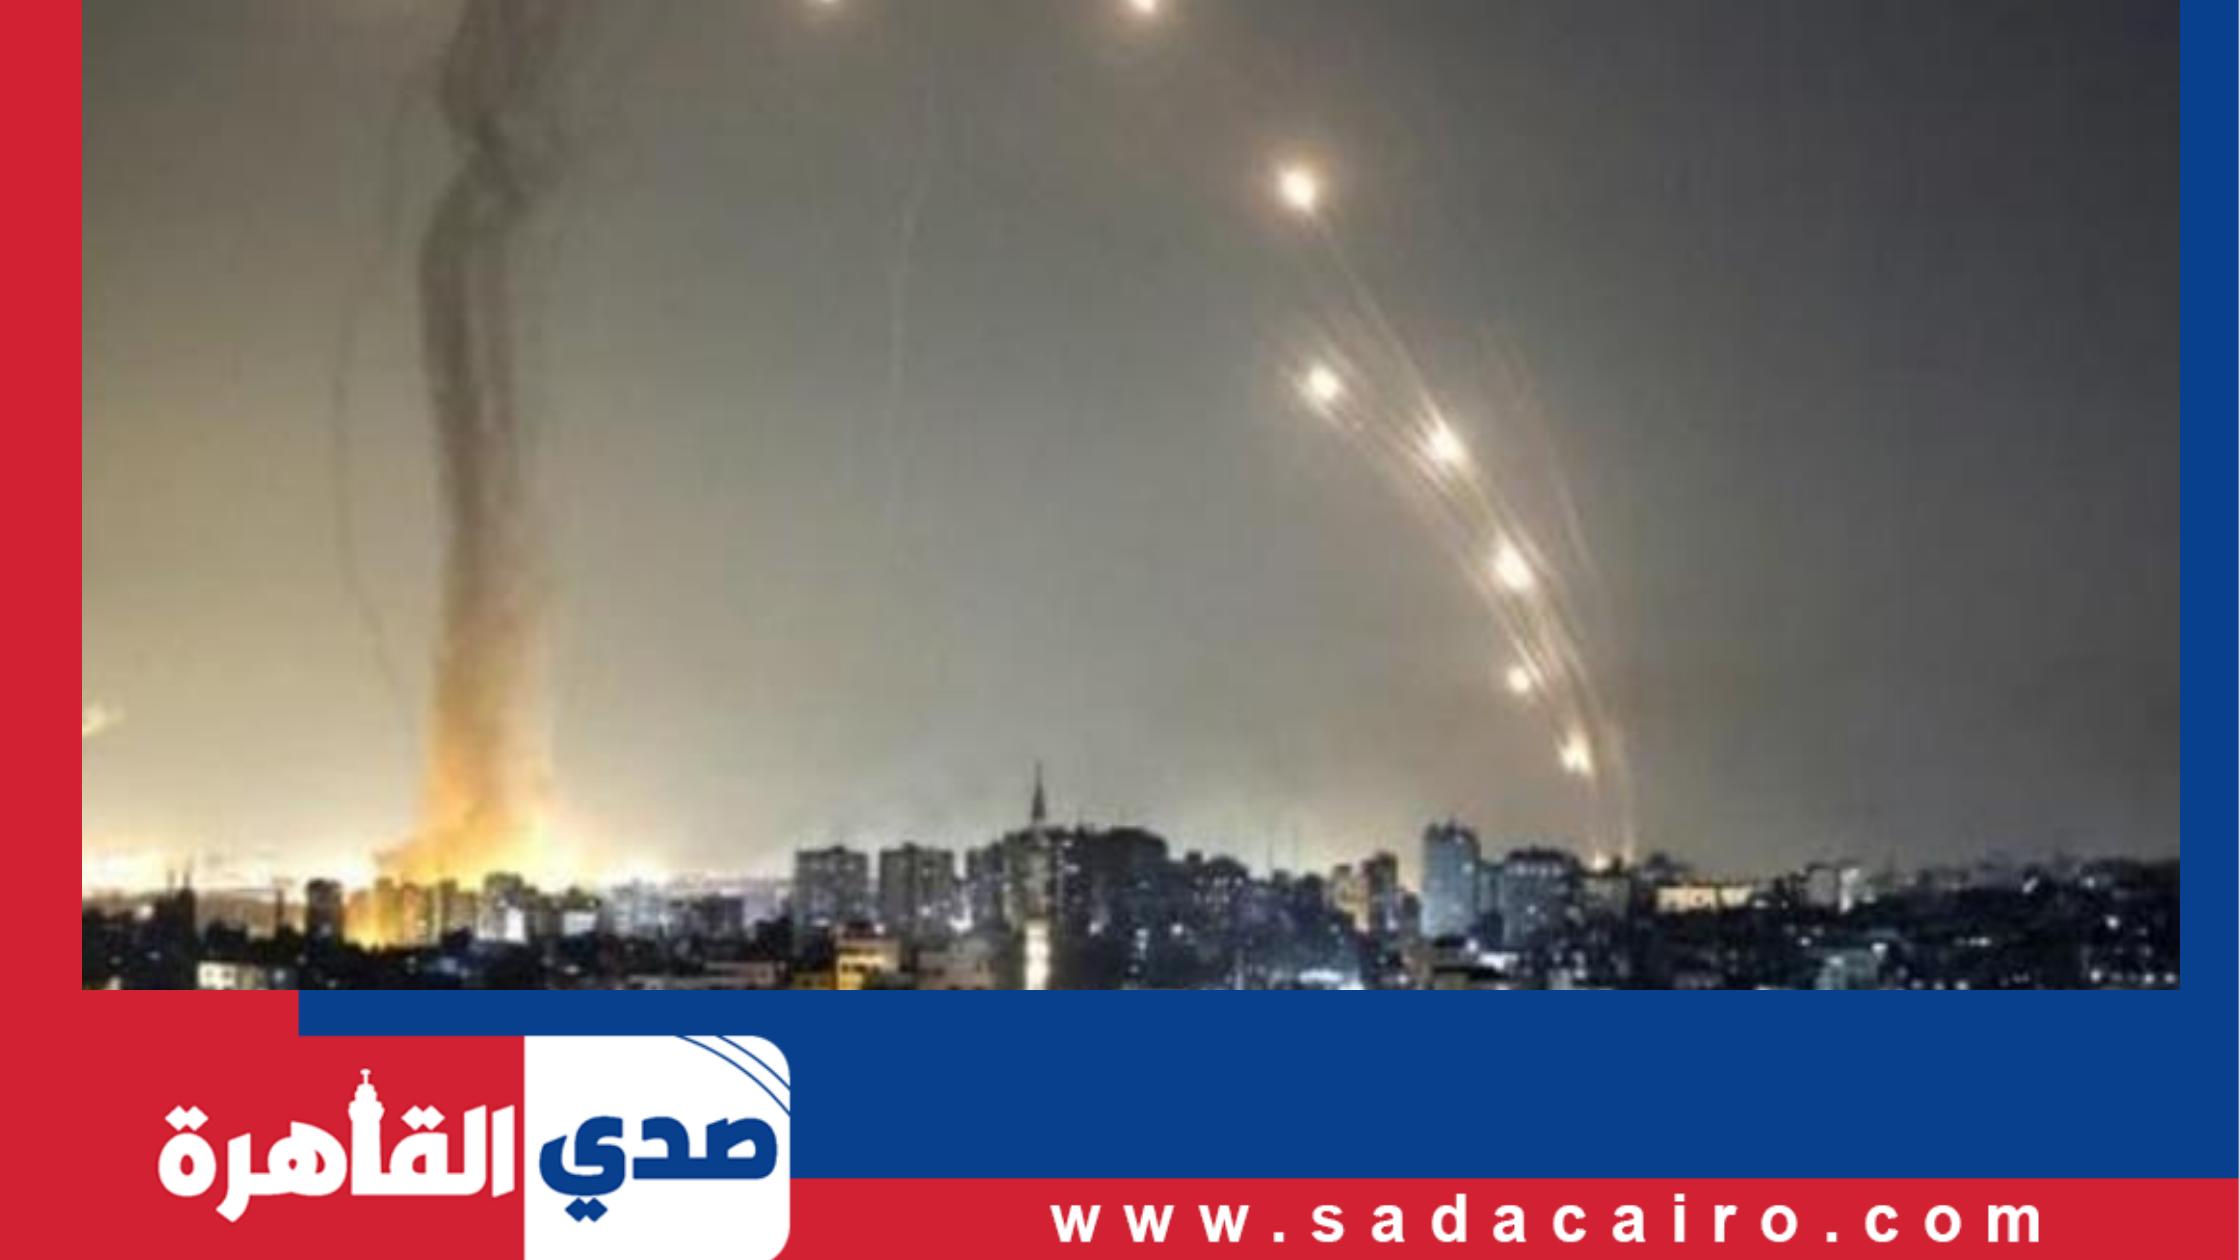 مقاتلات الاحتلال الإسرائيلي تشن غارات على قطاع غزة